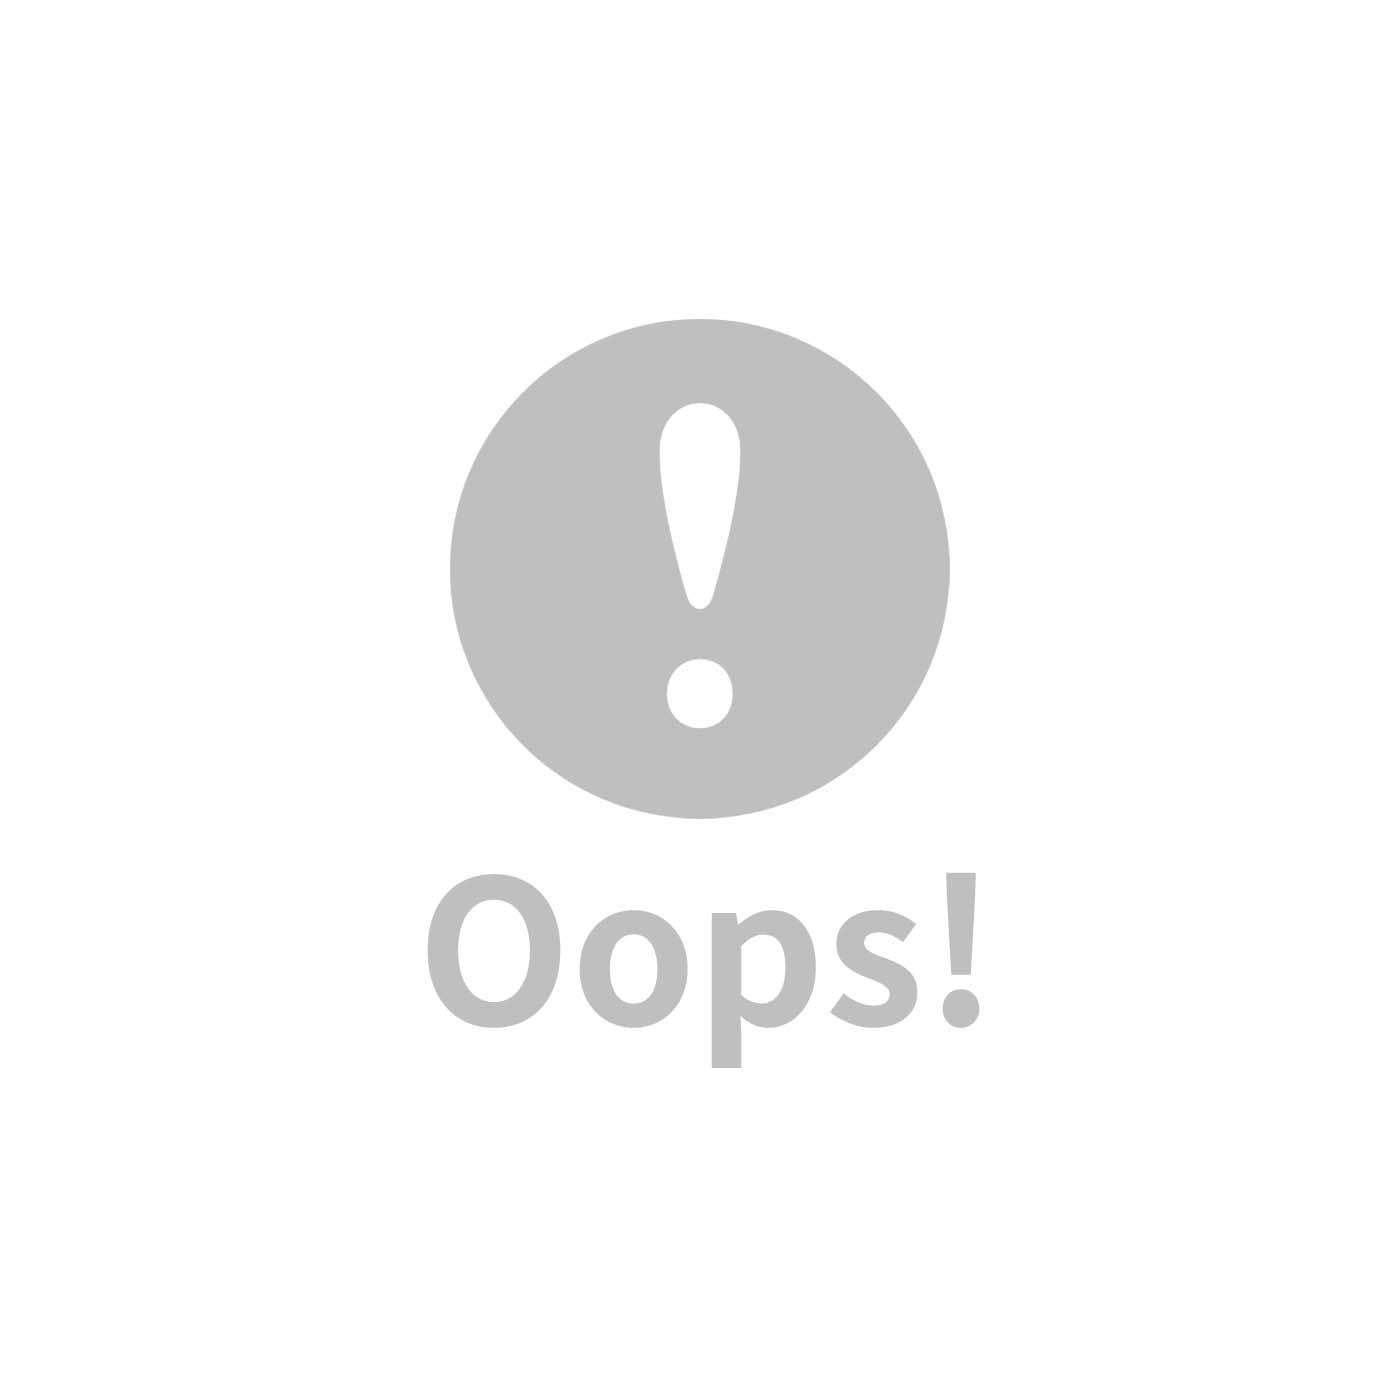 ELPRAIRIE頂級鮮厚超純水嬰兒濕紙巾-天然面膜印花款_大包5入(72抽x5包)